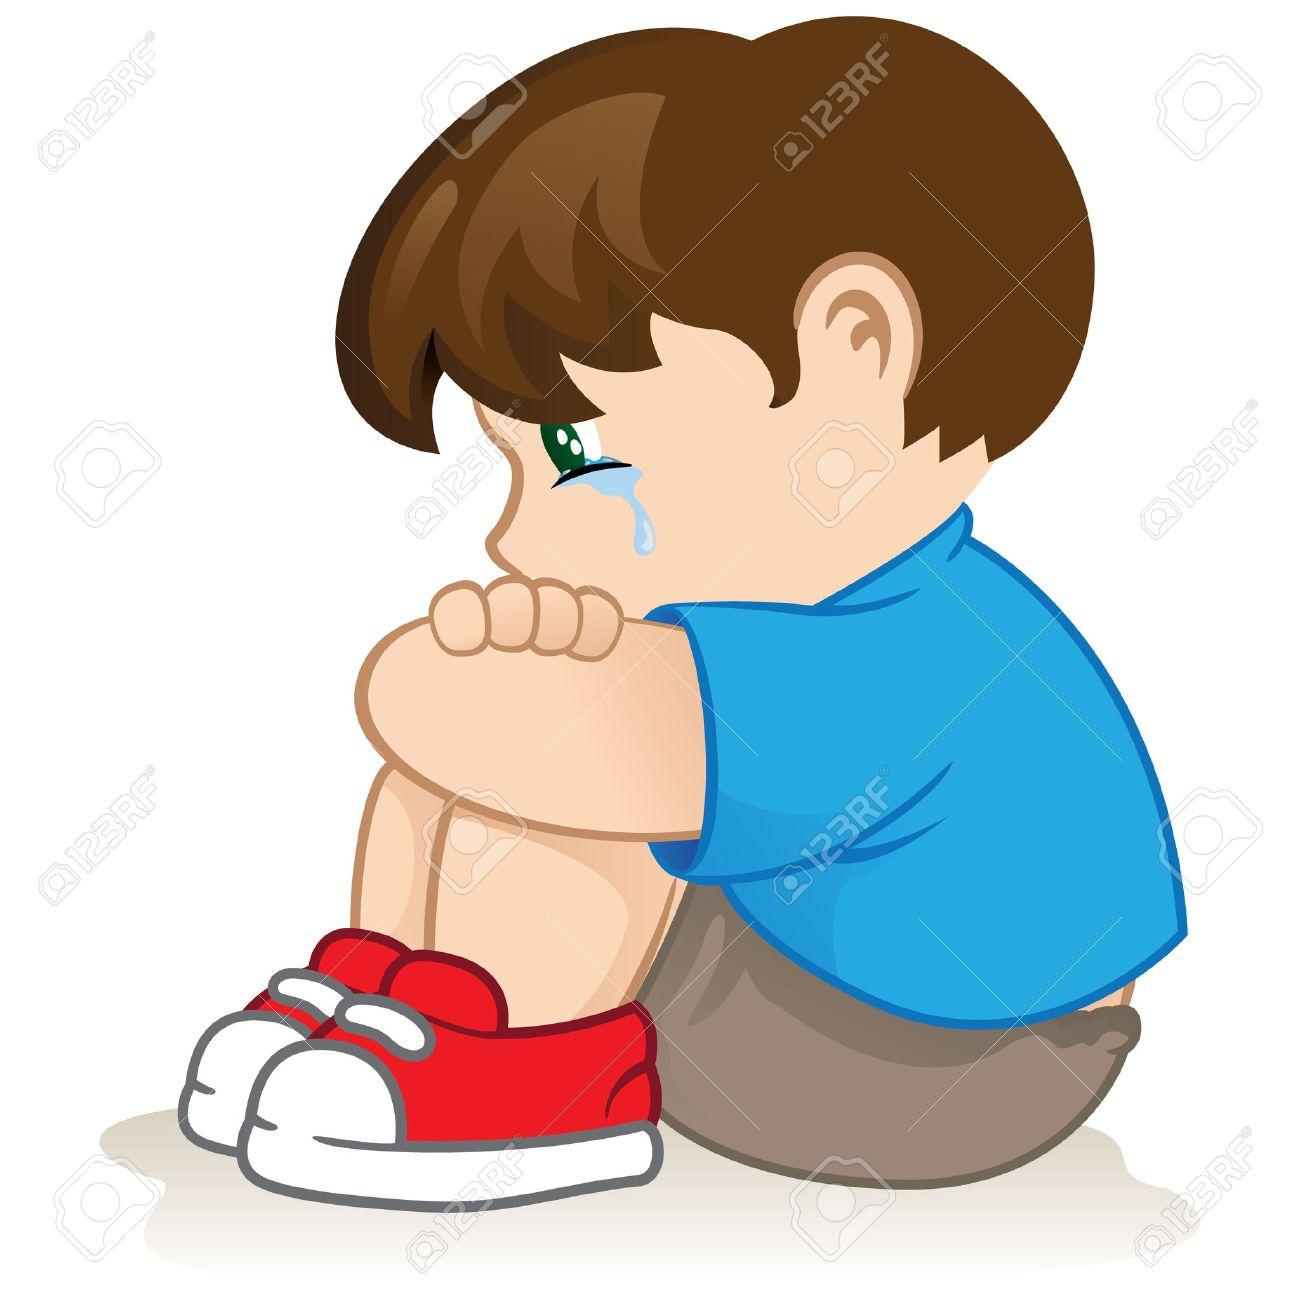 悲しい子は無力ないじめのイラストカタログ情報制度的材料に最適の